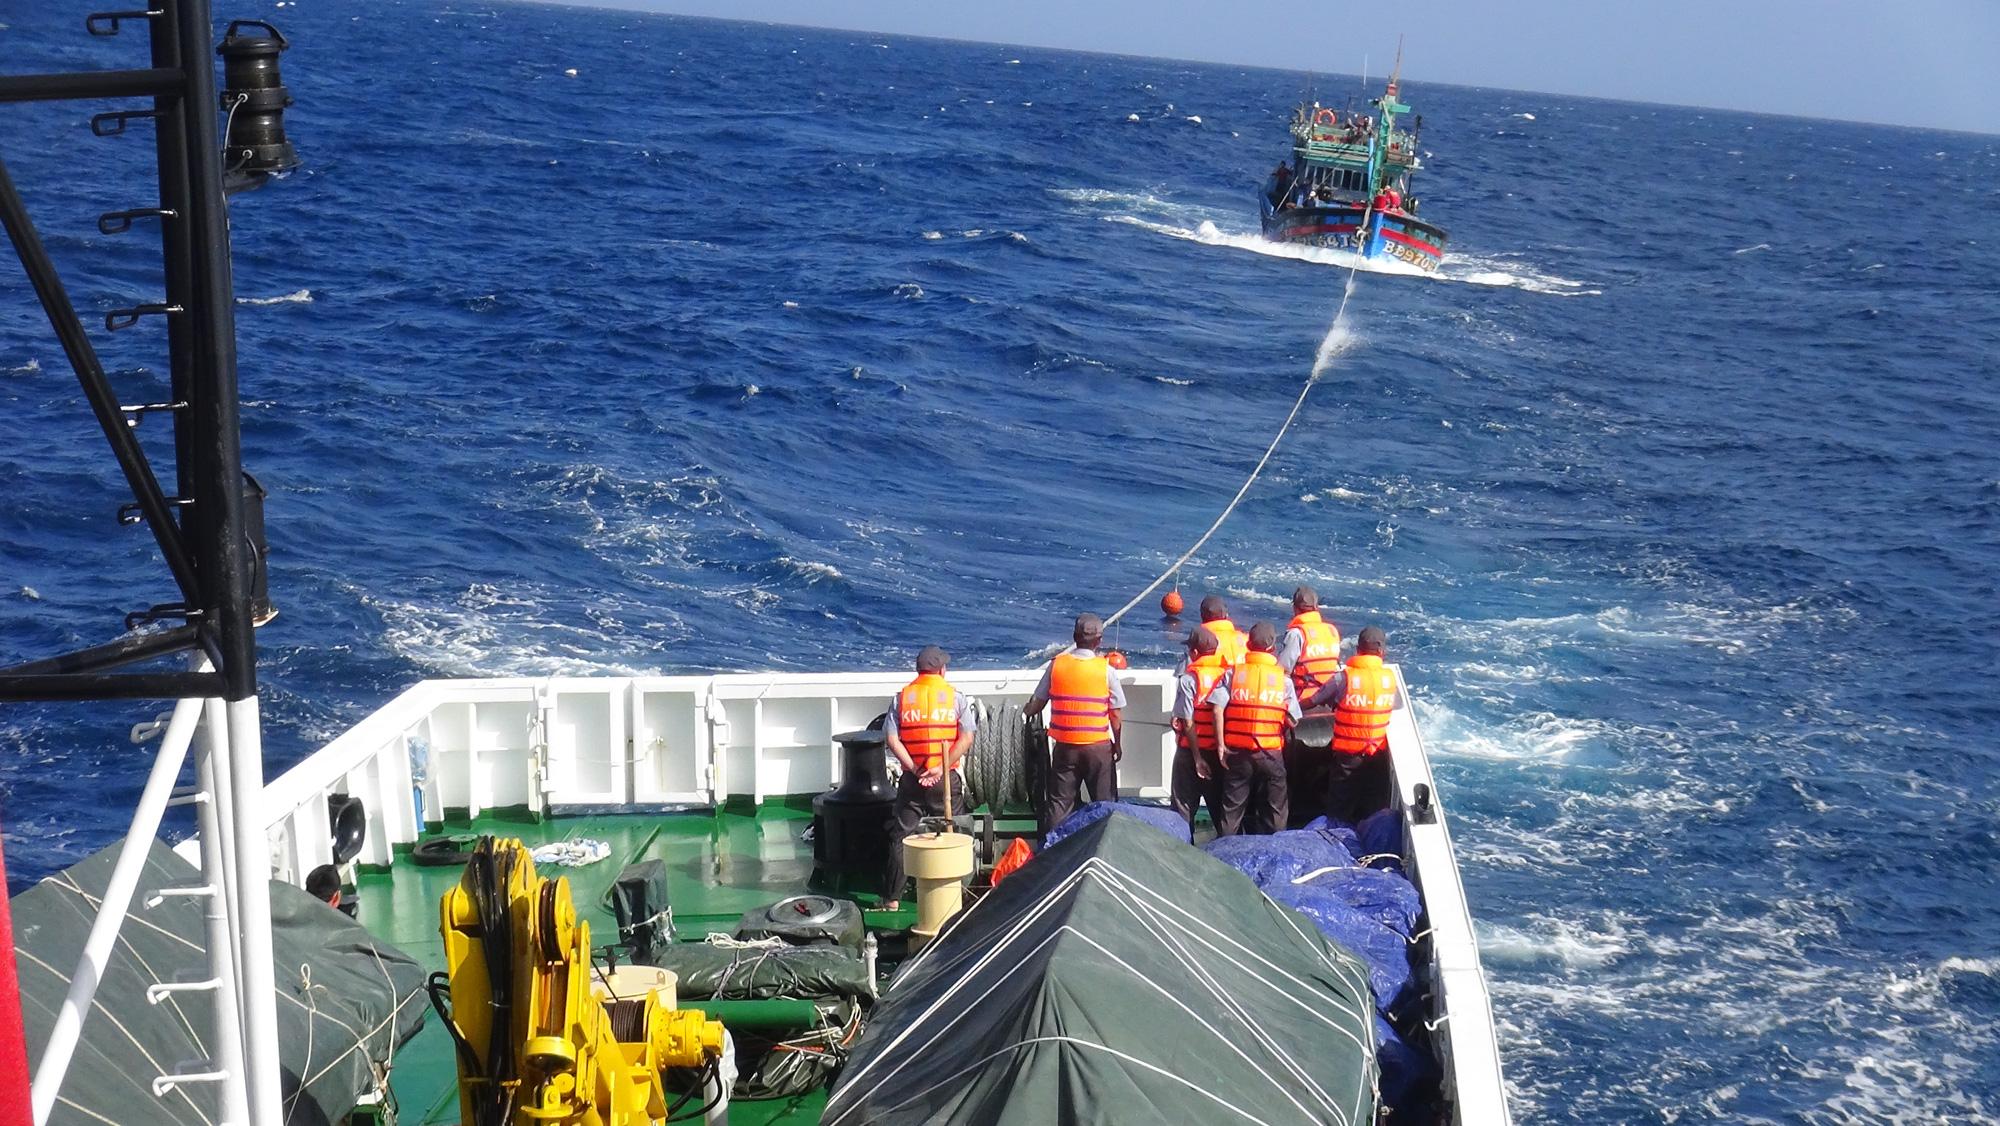 Cứu sống 14 ngư dân, cách bờ 200km  - Ảnh 1.